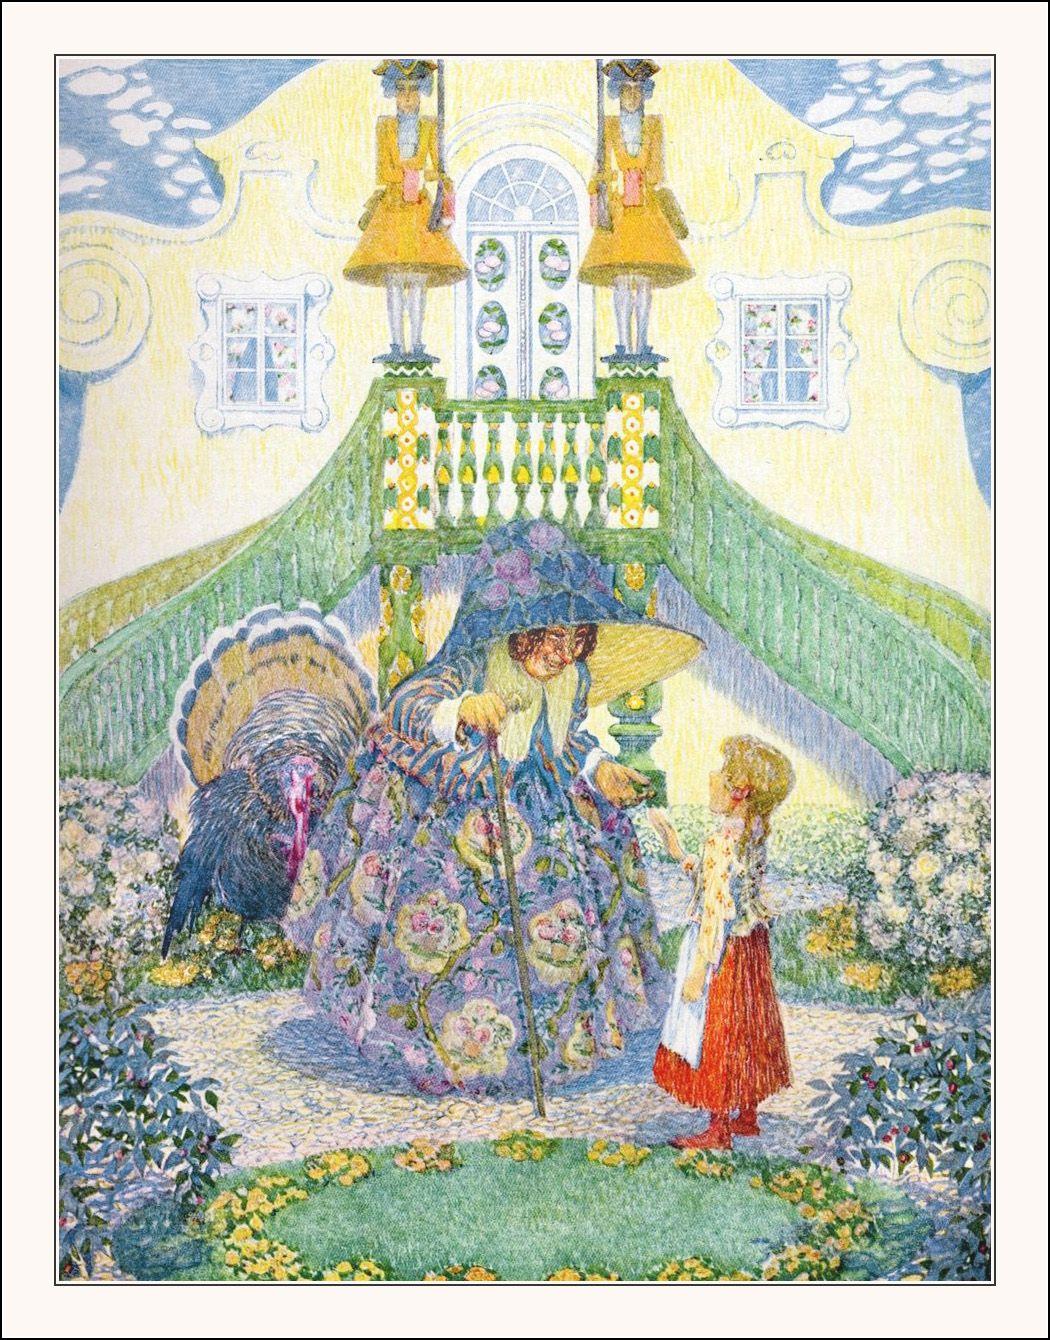 June - Die Schneekönigen (The Snow Queen), Andersen-Kalender 1911,  Zwölf Märchen, Illustriert von Heinrich Lefler und Joseph Urban, nacherzählt von Hugo Salus. Published by M. Munk, Stuttgart, 1910